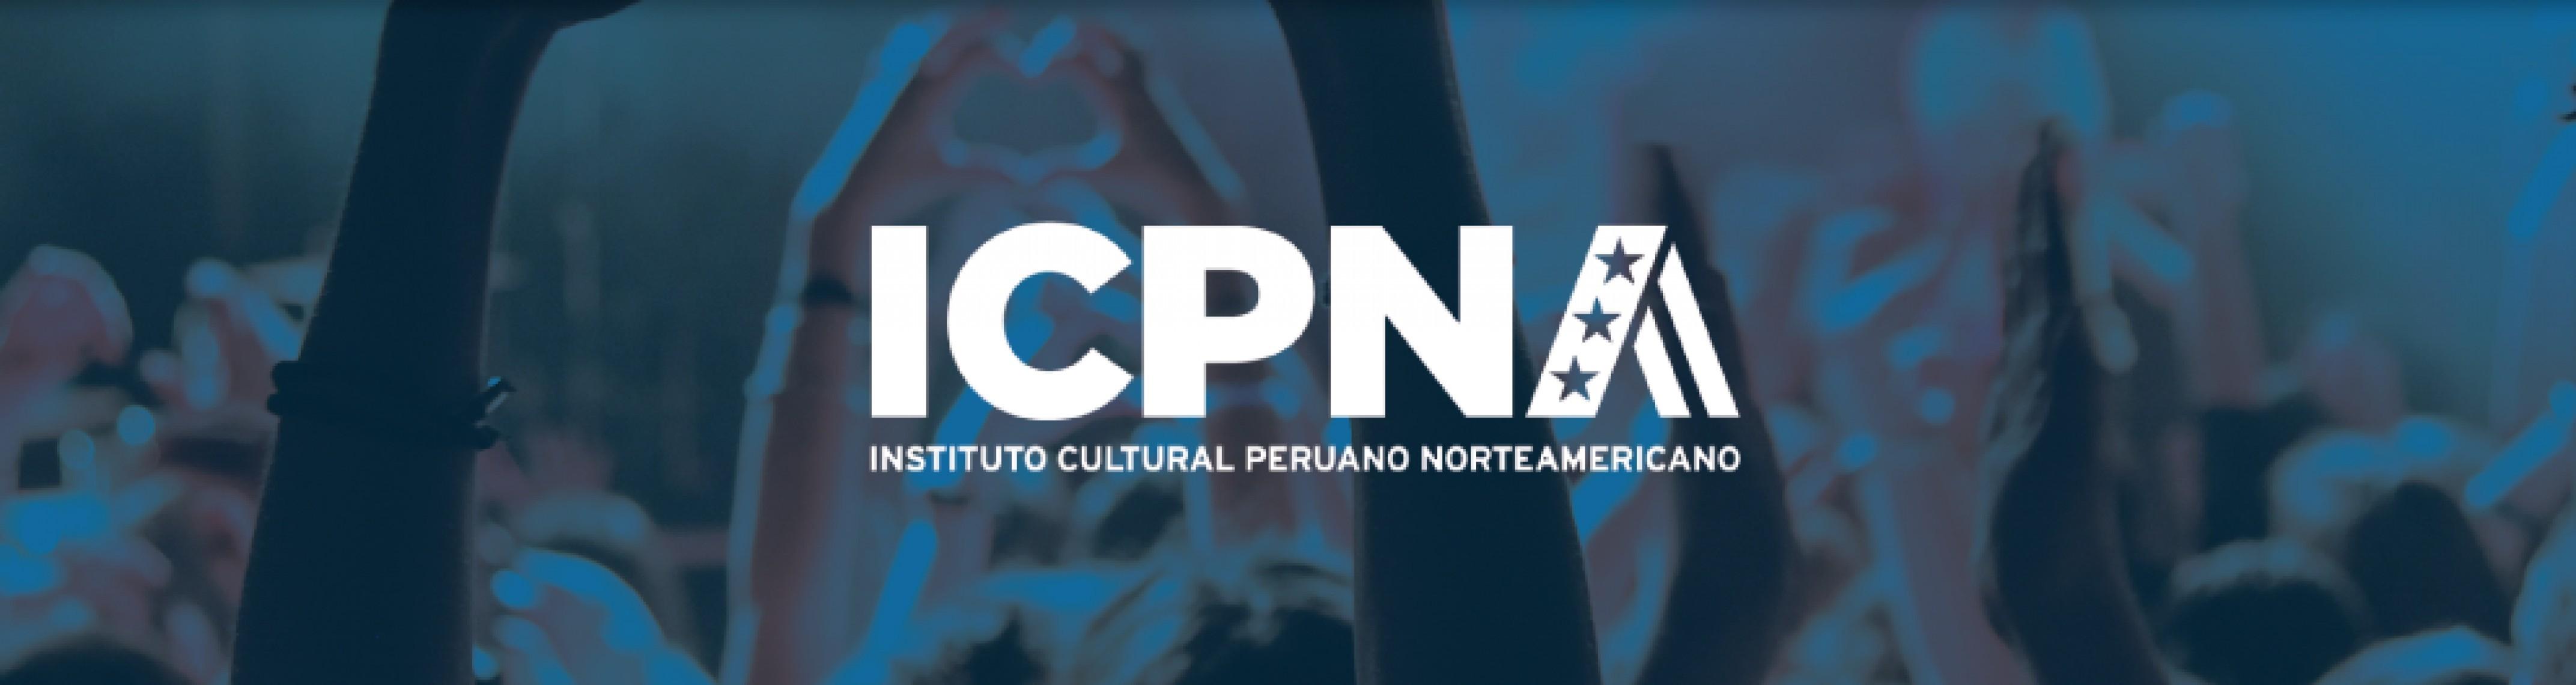 ICPNA Banner